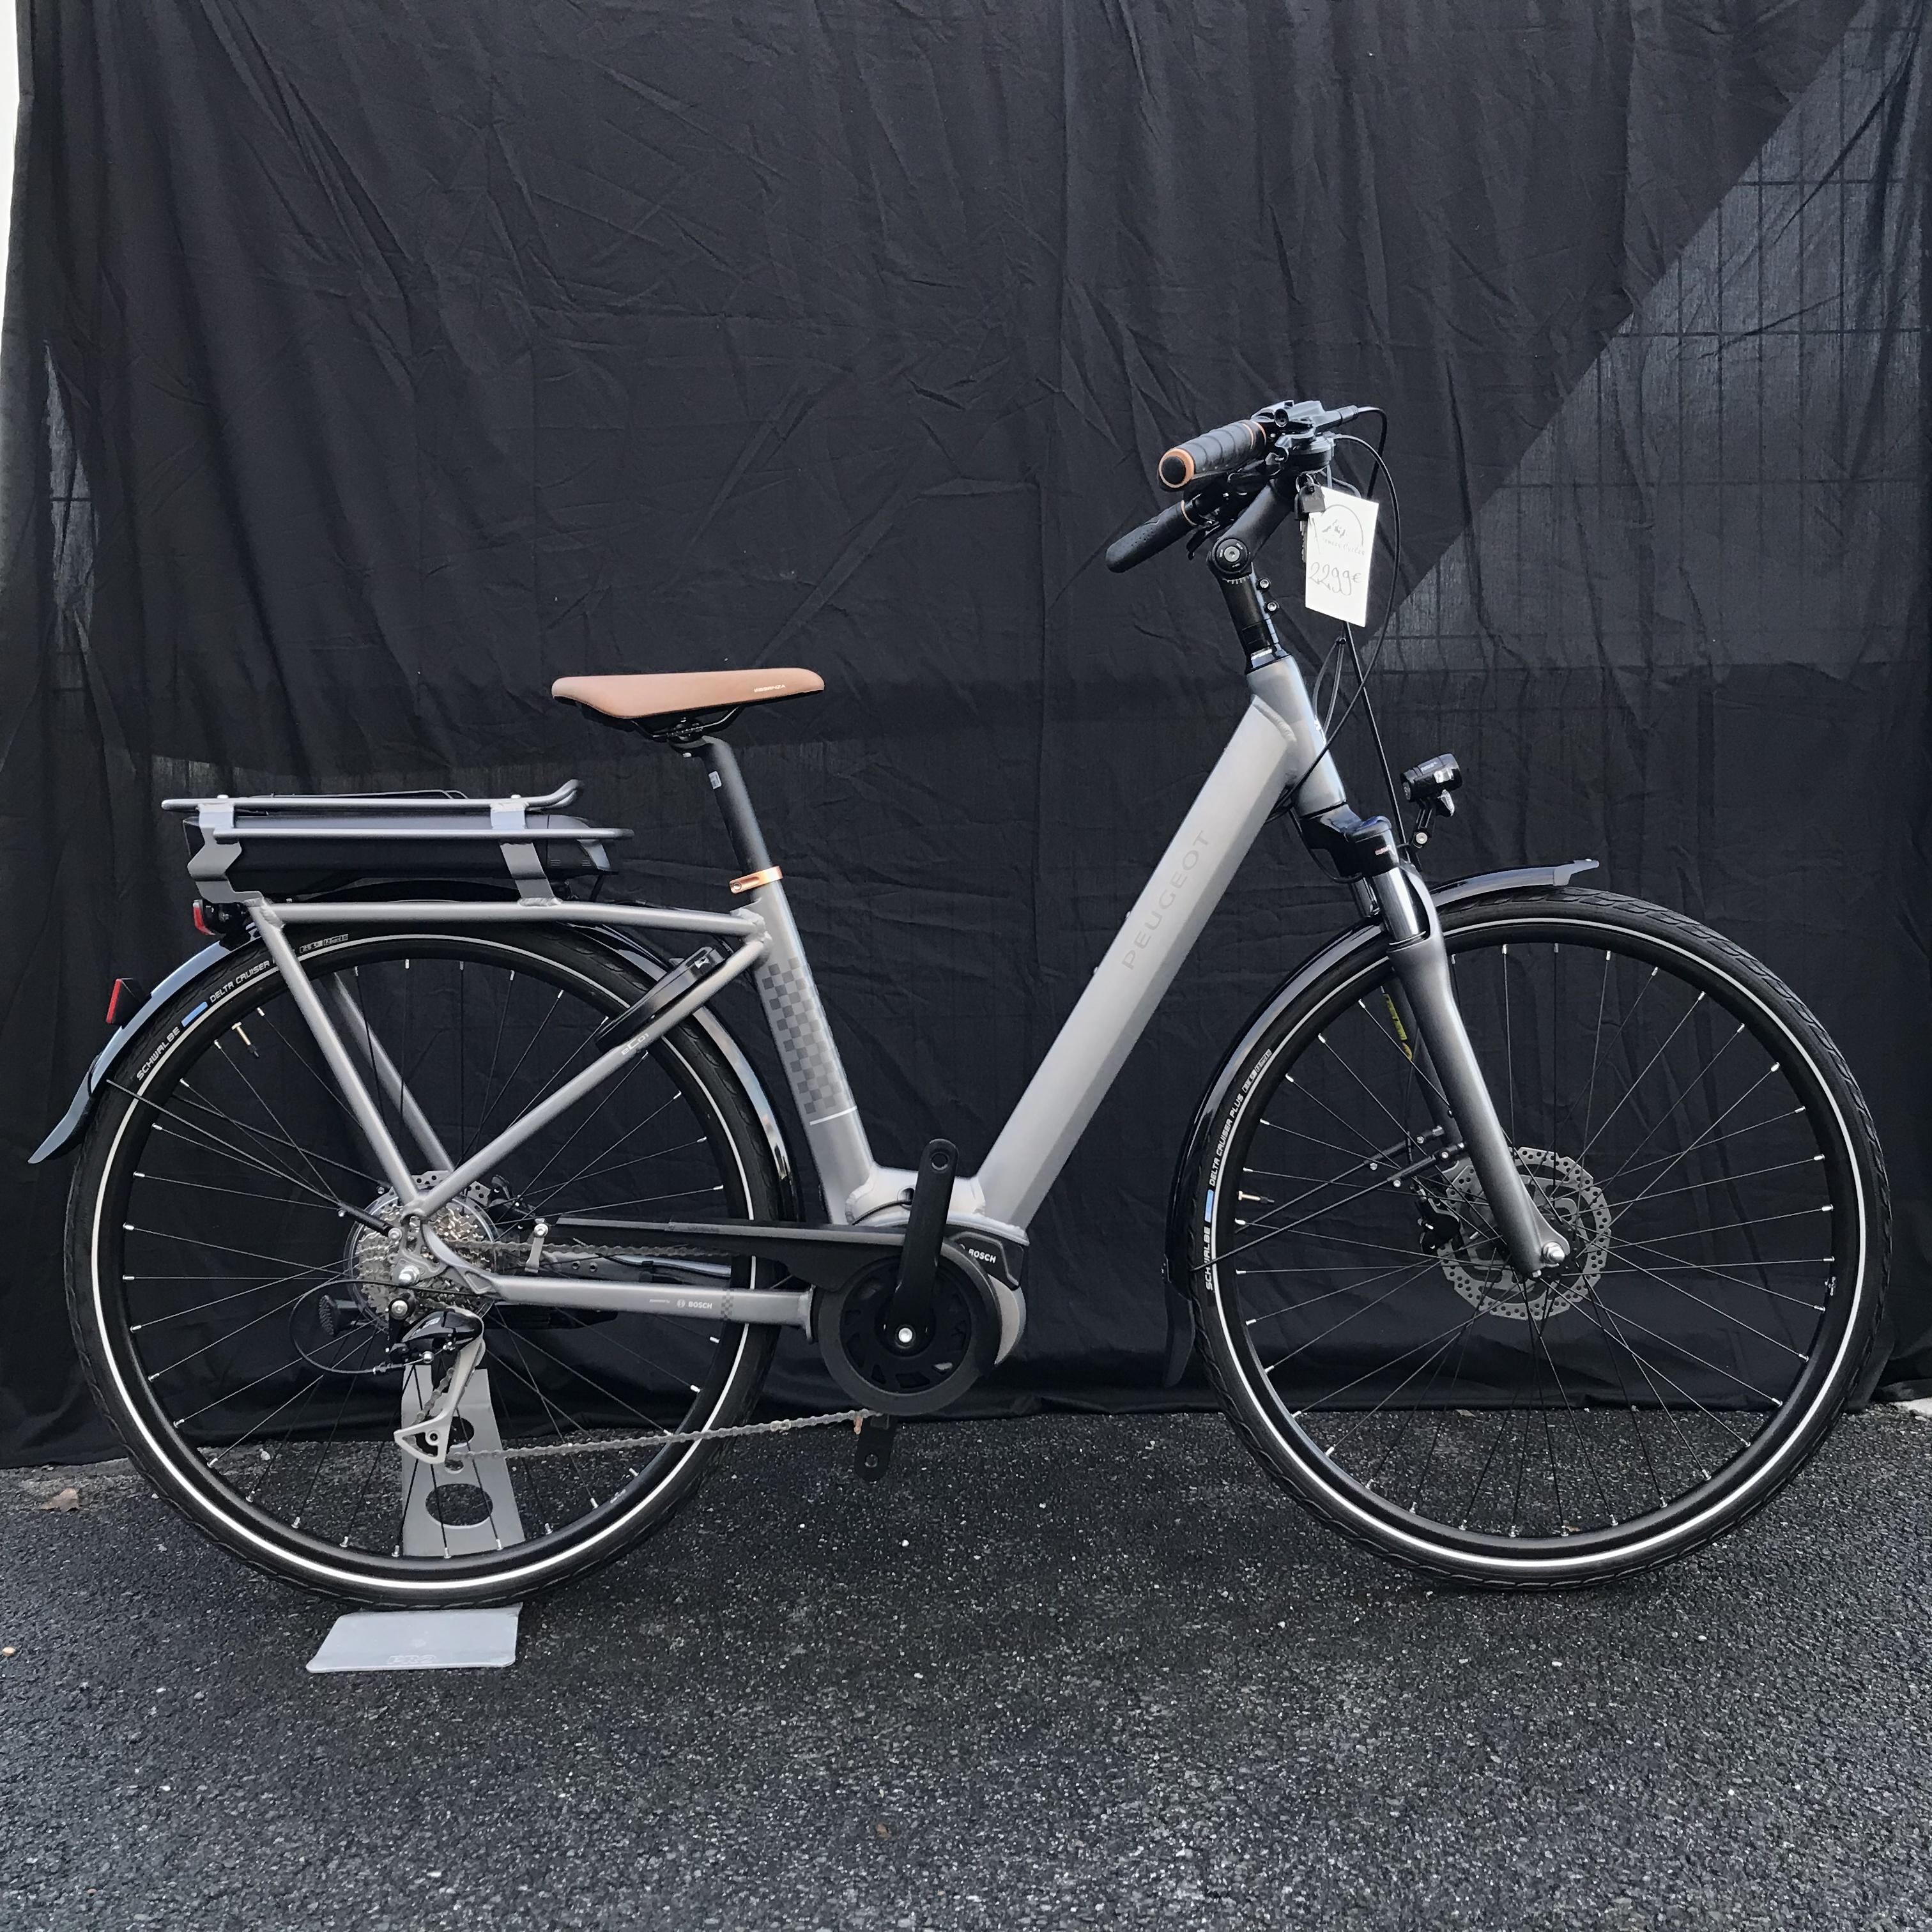 Peugeot EC01